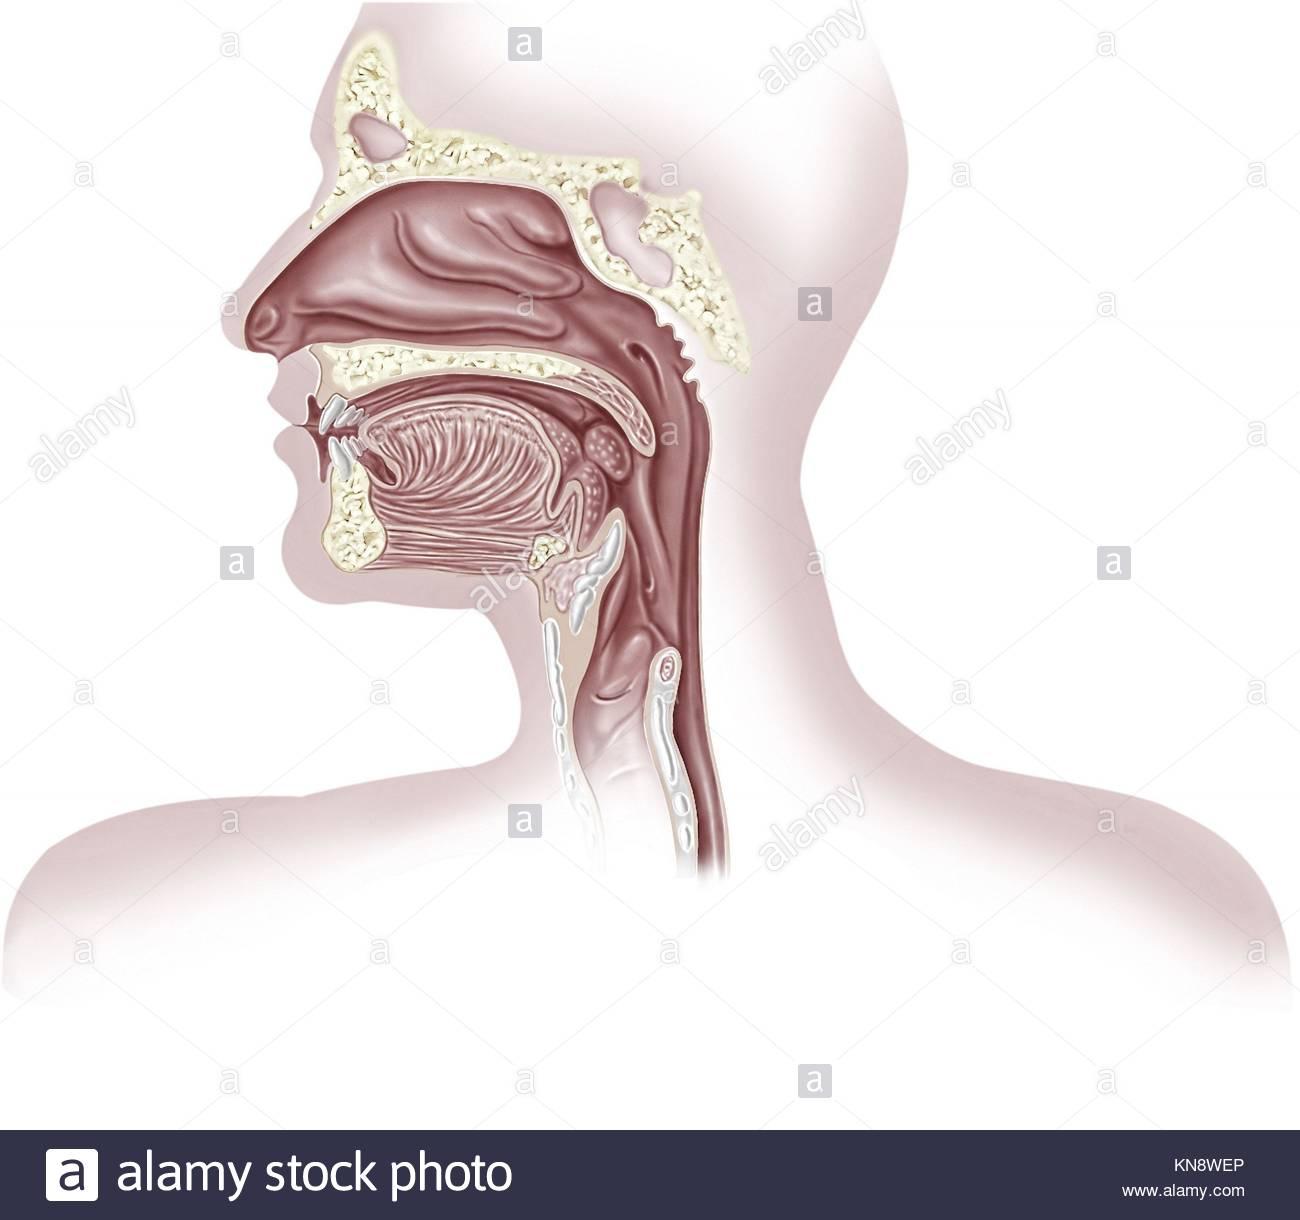 Charmant Membran Atmungssystem Ideen - Menschliche Anatomie Bilder ...